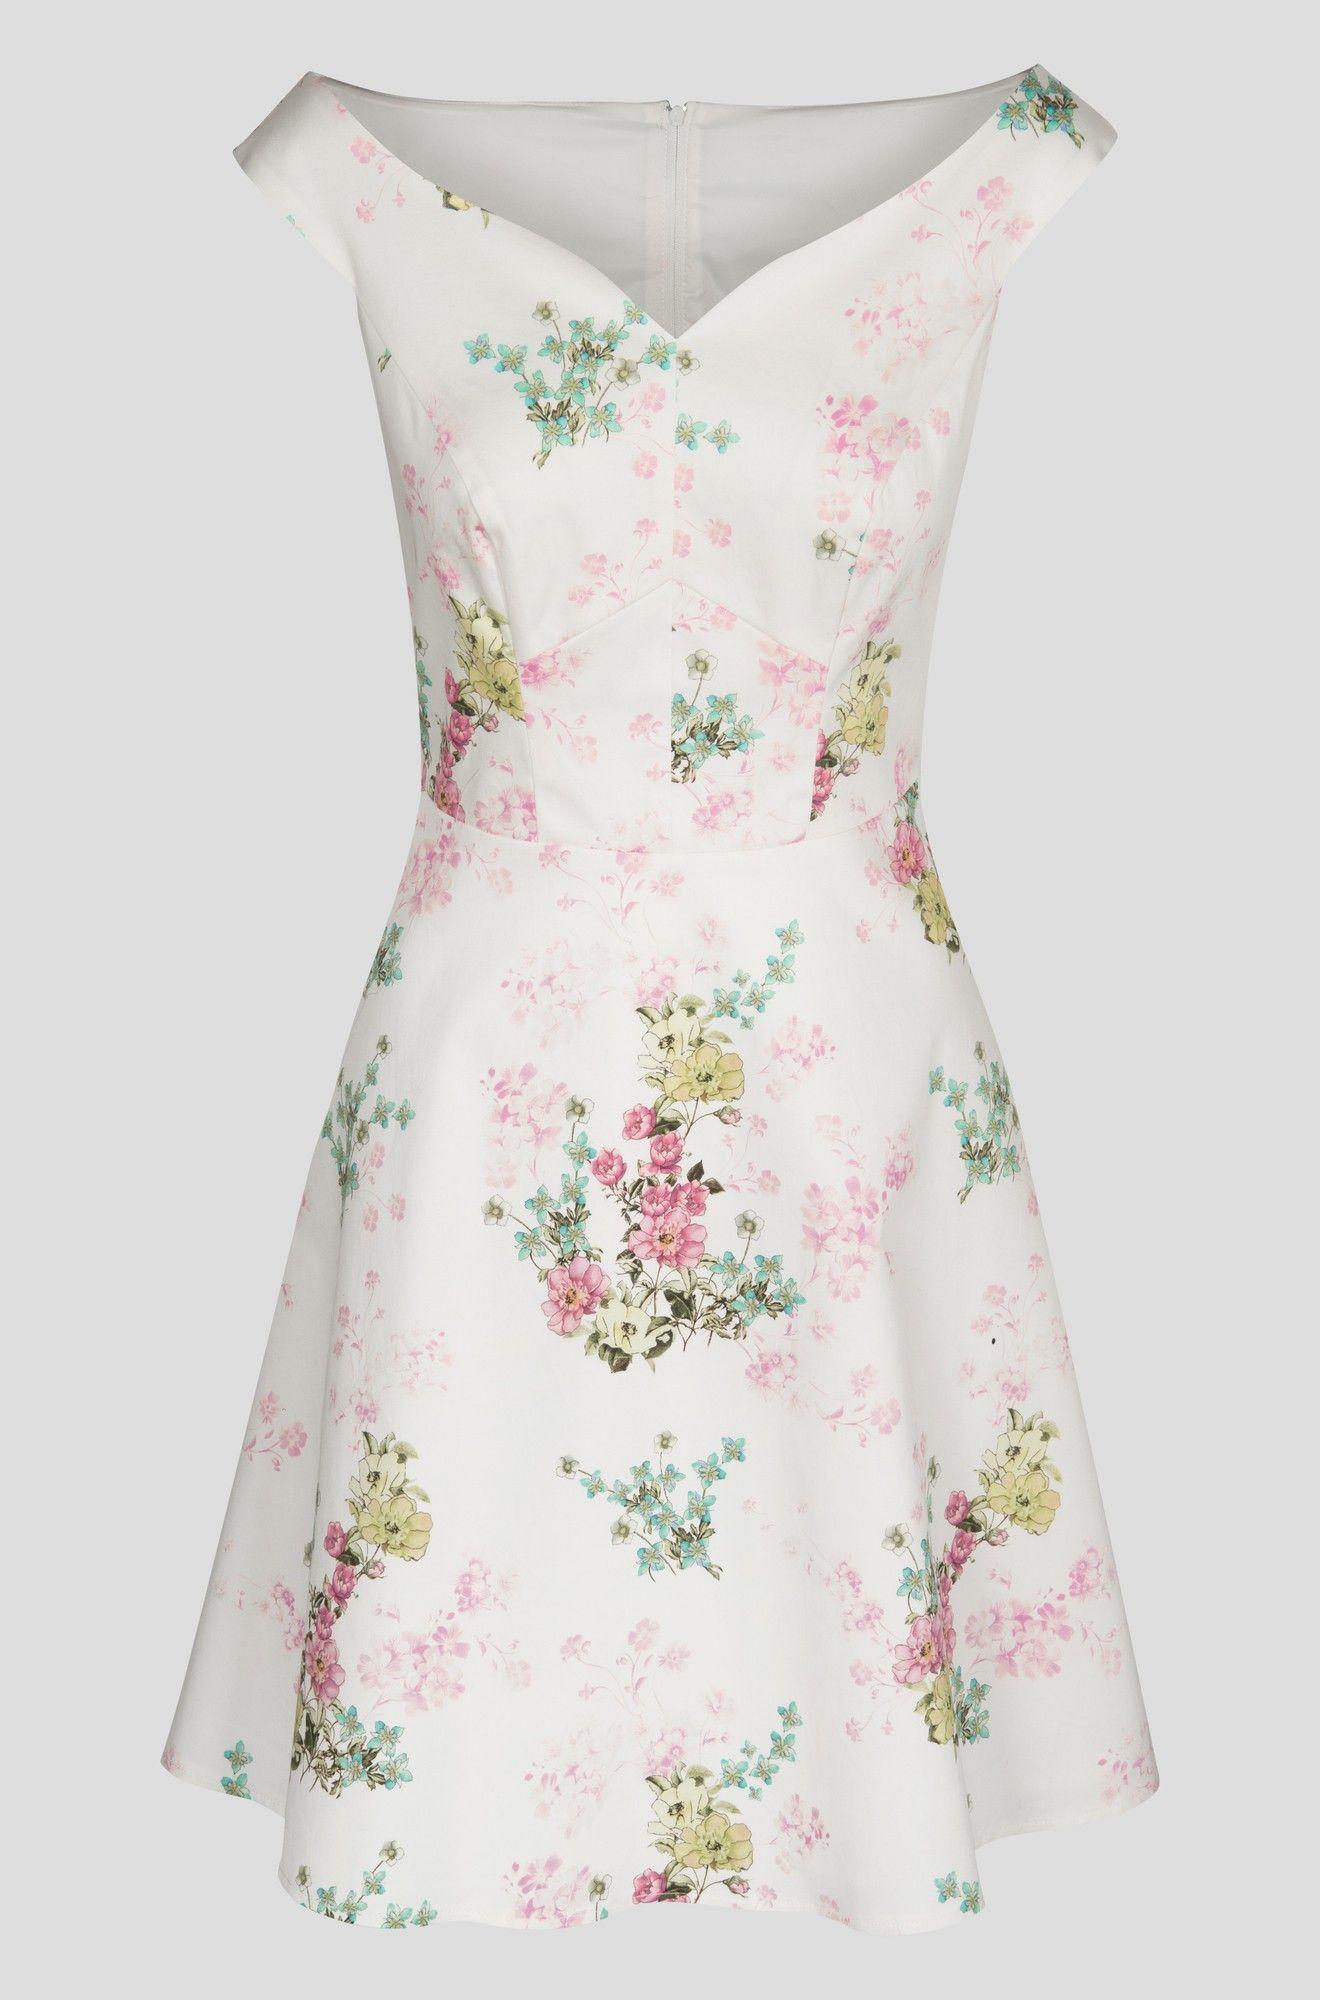 glockenkleid mit blumen-muster | orsay | schöne kleider